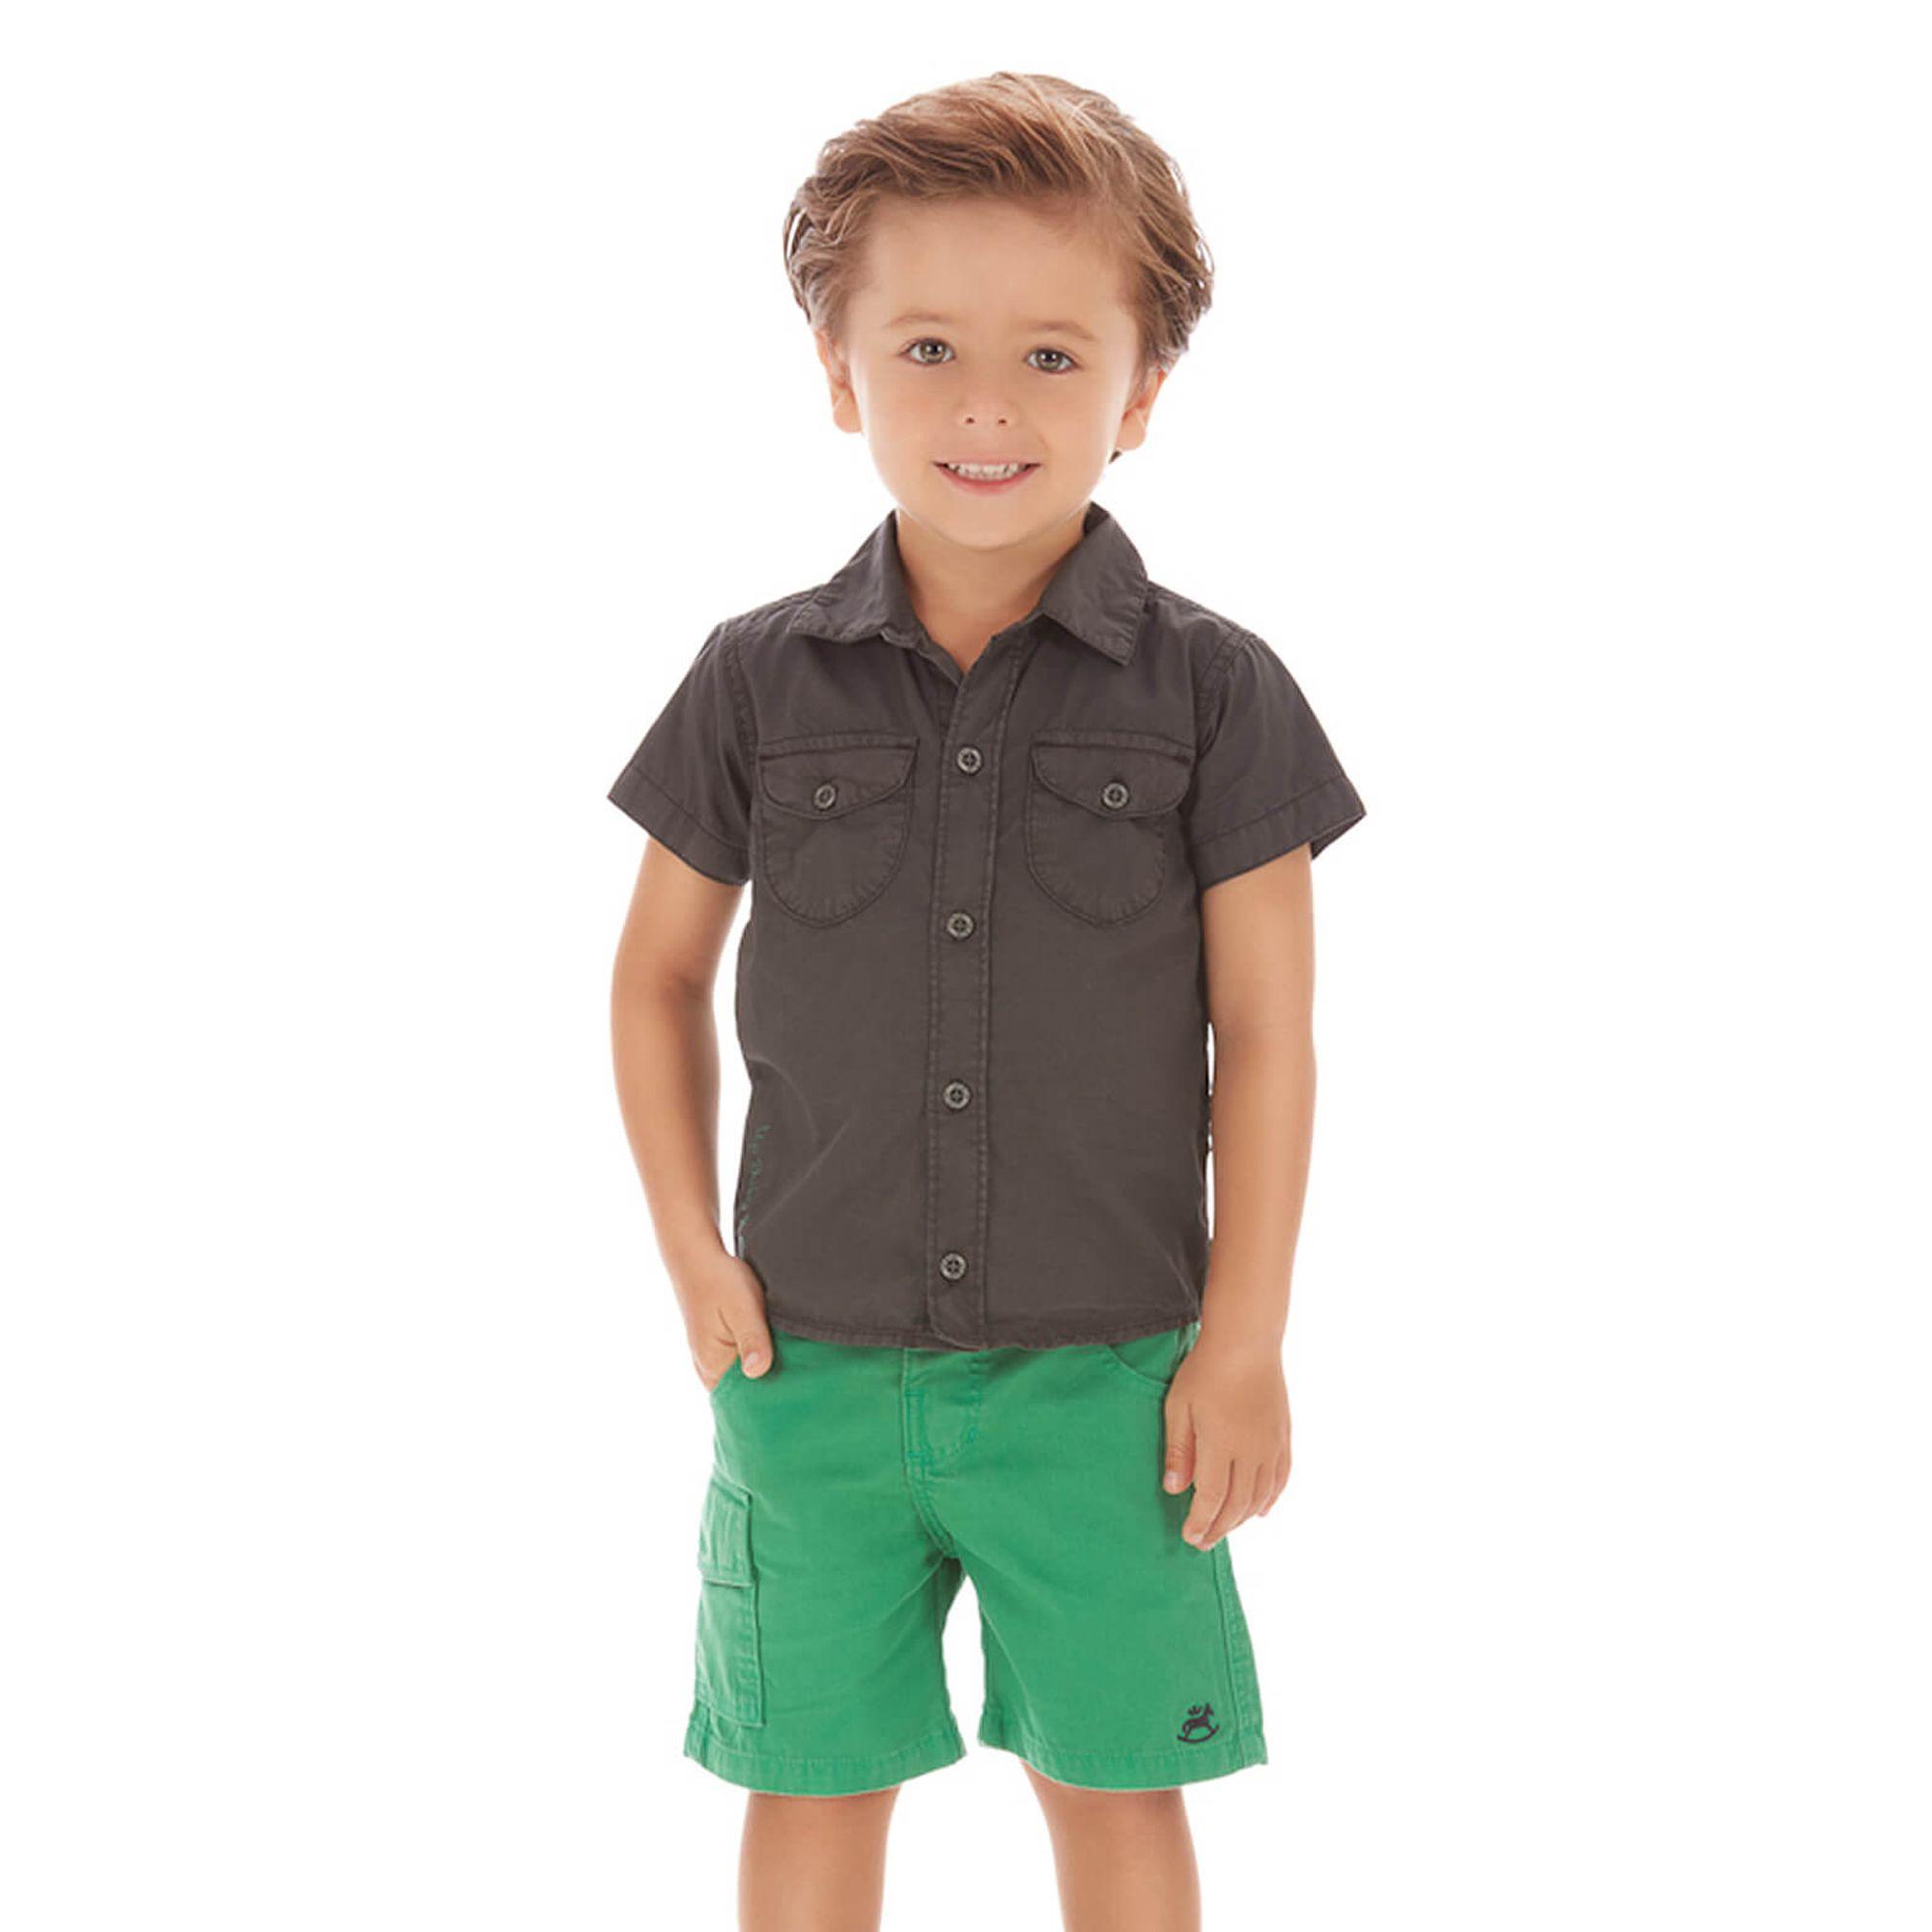 conjunto-menino-camisa-grafite-e-bermuda-sarja-verde-up-baby